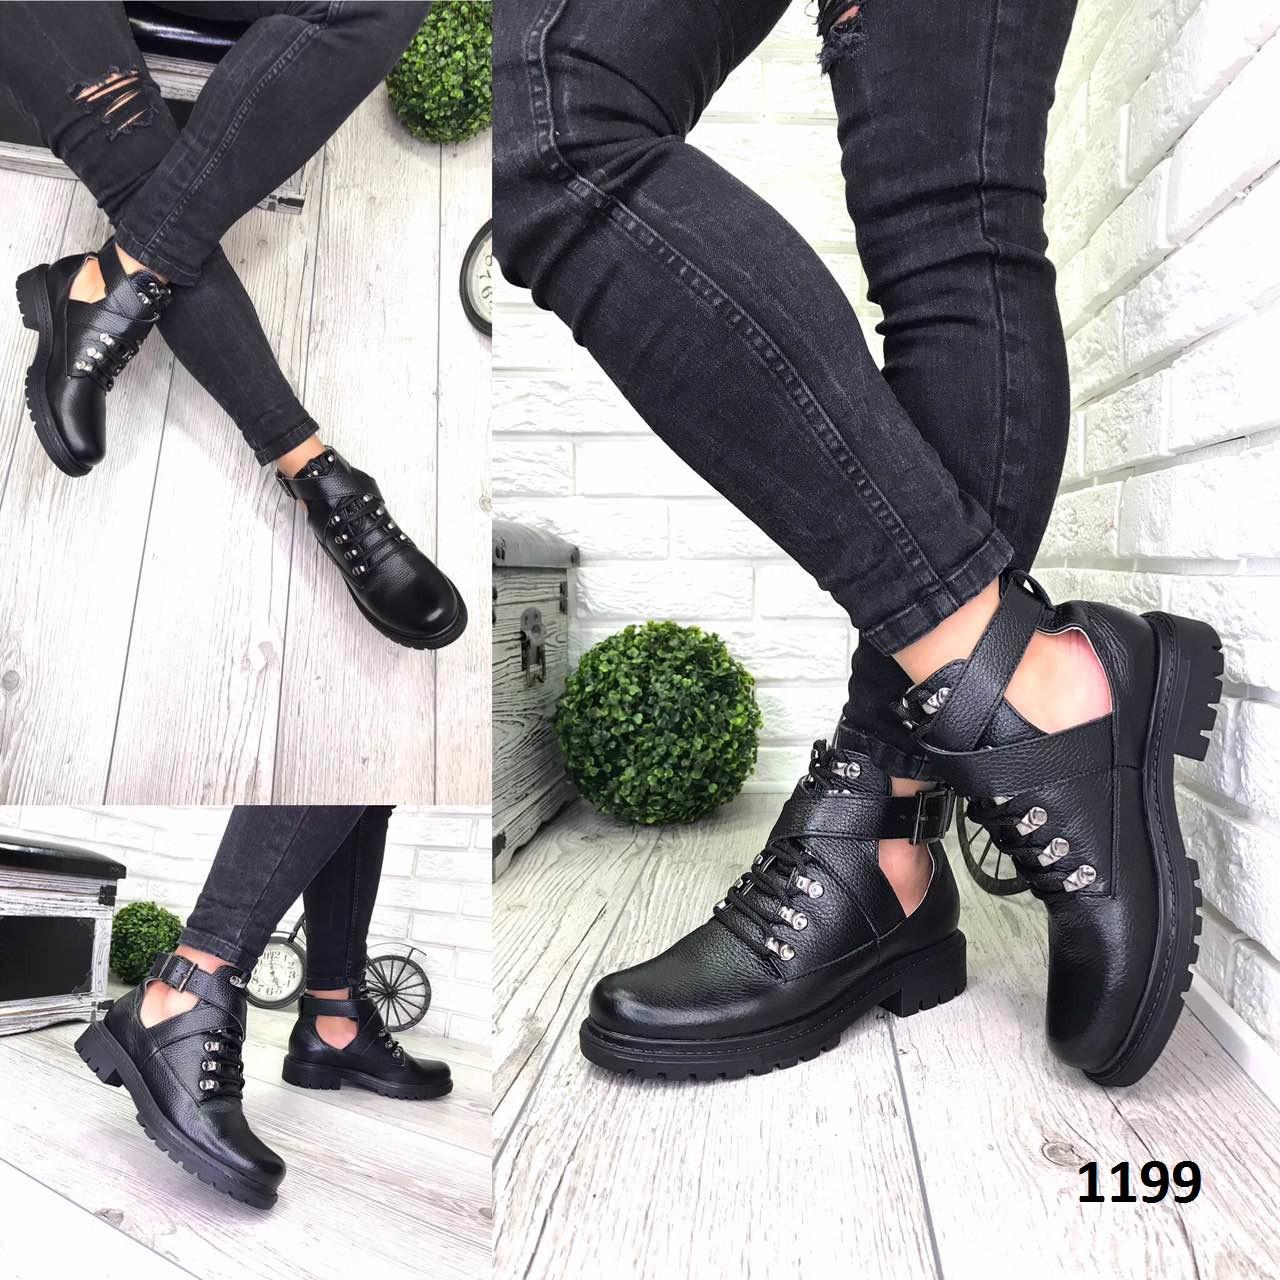 Ботинки женские демисезонные кожаные черные открытые с пряжками